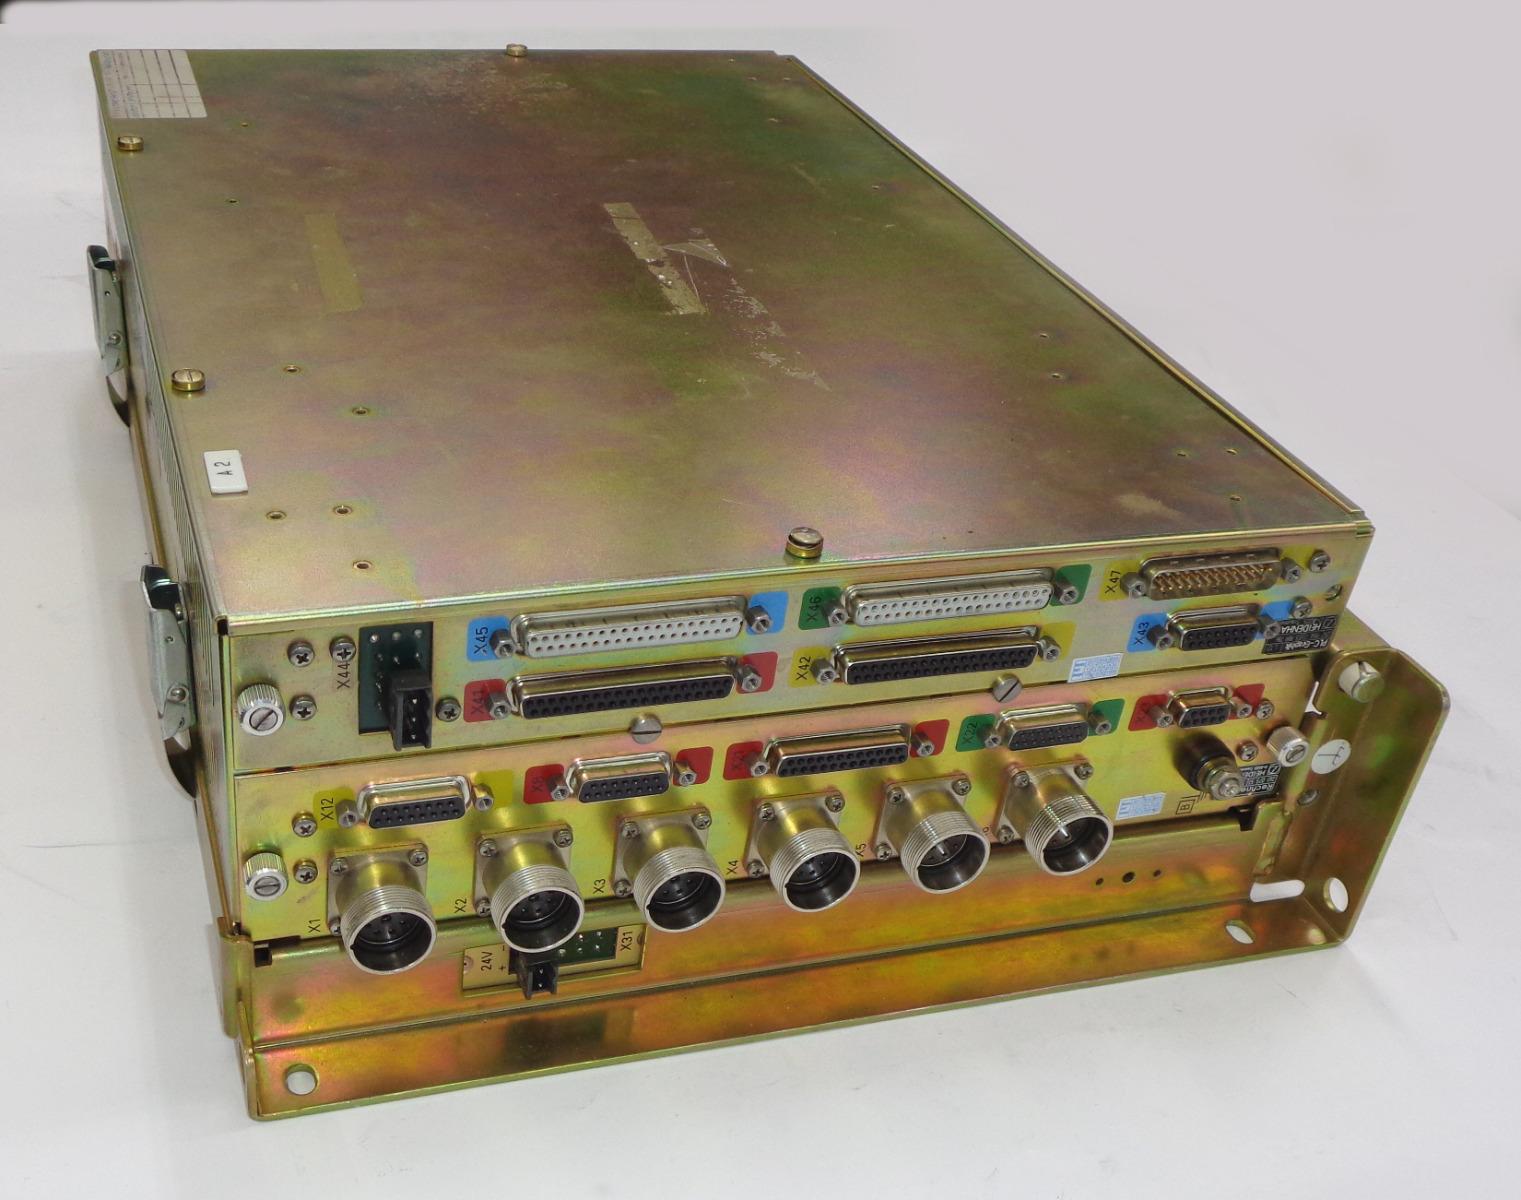 Exchange Digitalanzeige von Heidenhain TNC LE 407A  264 430-99  im Austausch